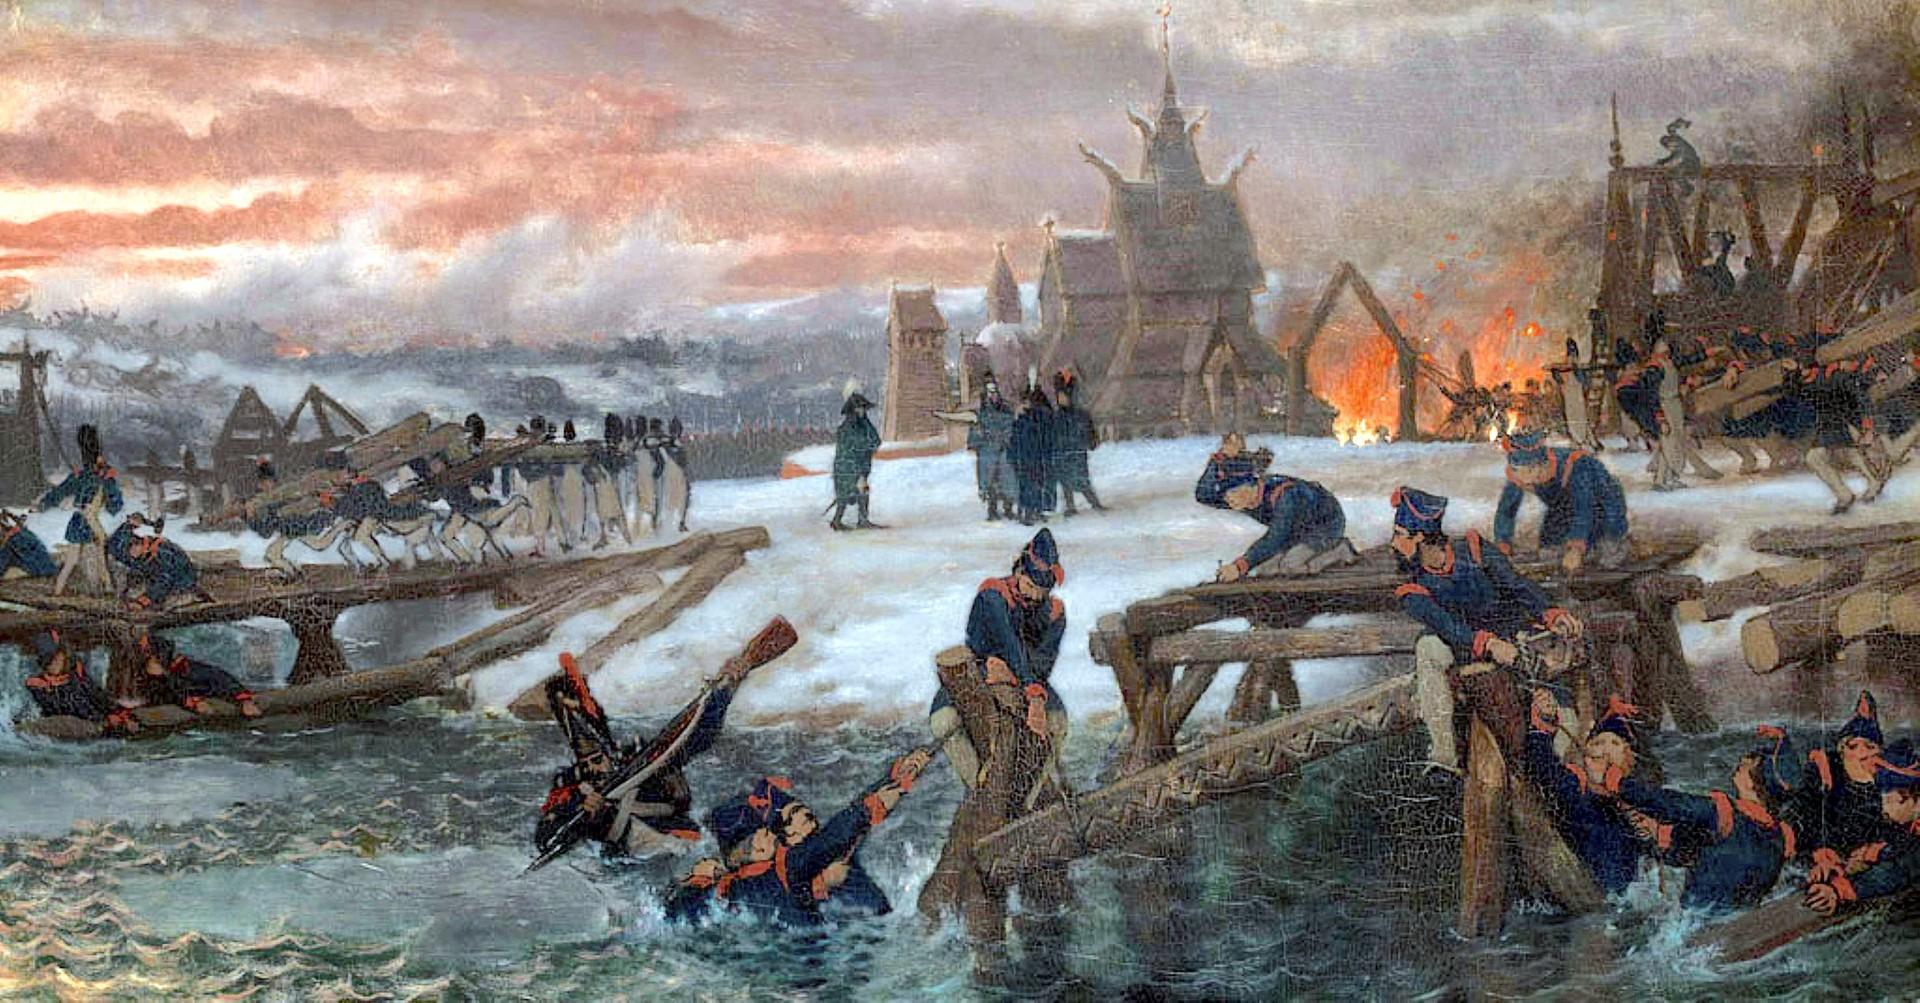 Les pontonniers au travail sur la rivière Bérézina le 26 novembre 1812, construisant les deux ponts temporaires qui sauveront une partie de la grande armée de Napoléon.